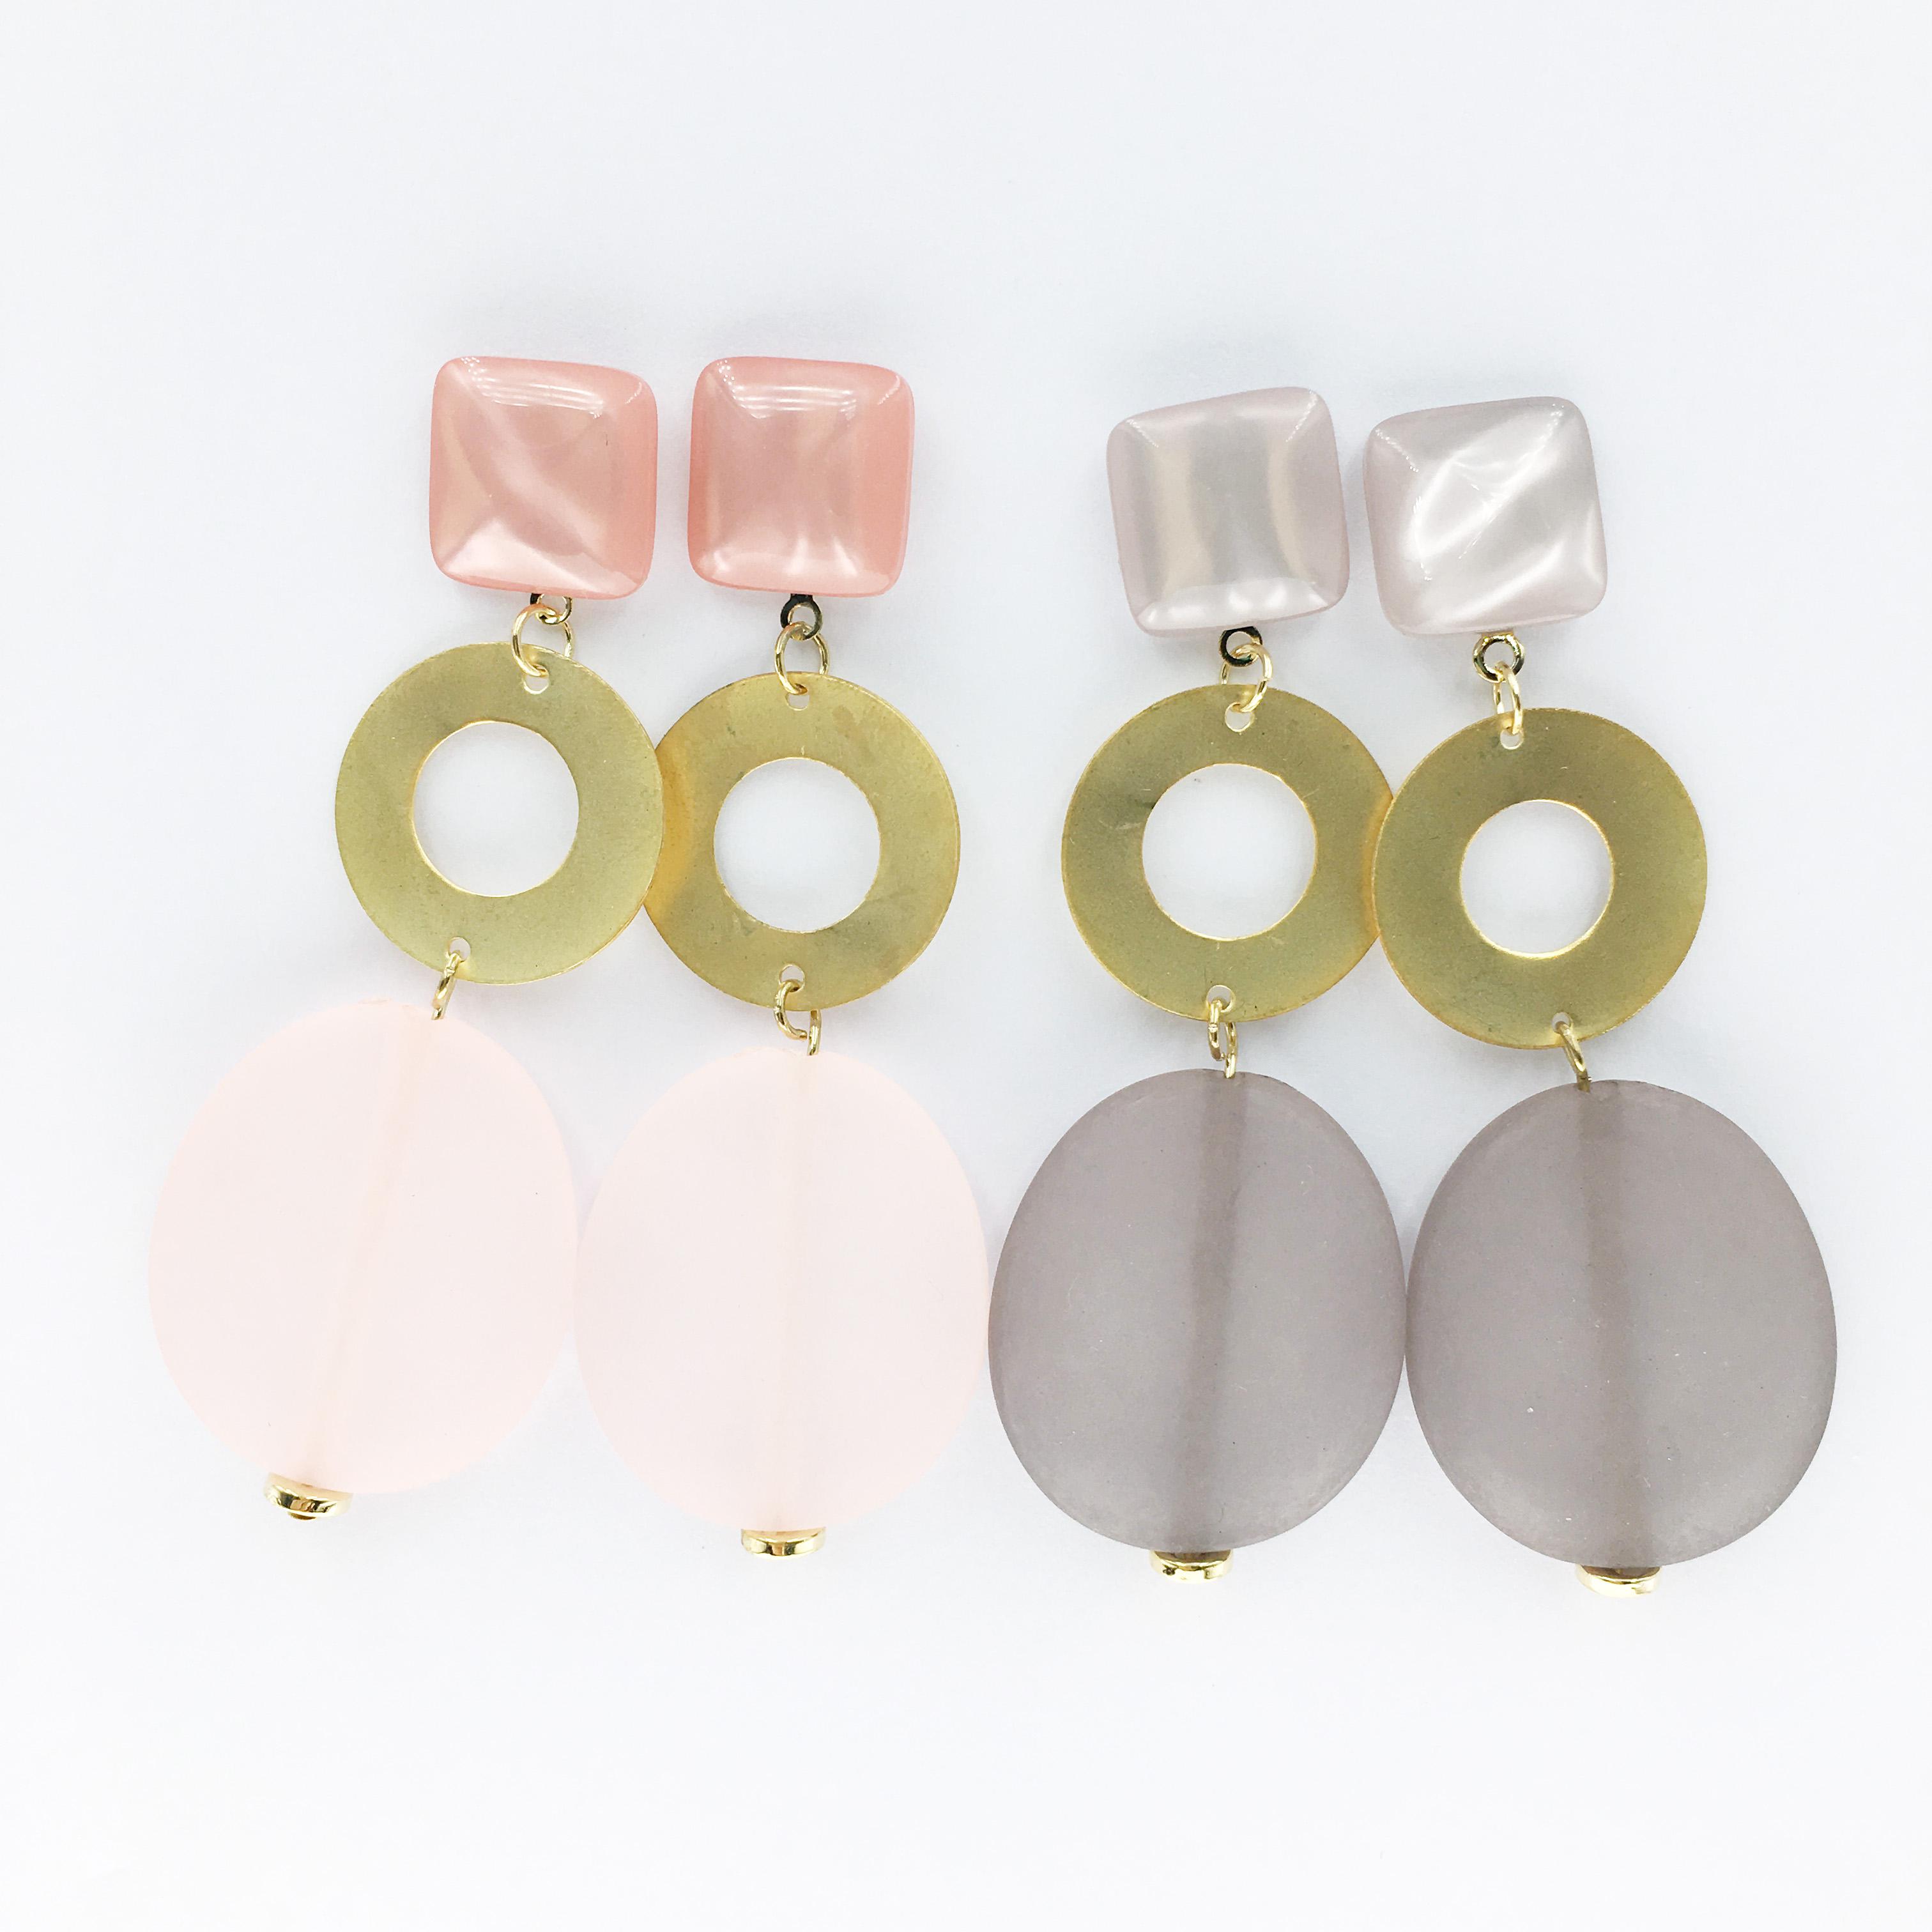 韓國 正方形 金圓片 微透明 垂墜感 兩色 耳針式耳環